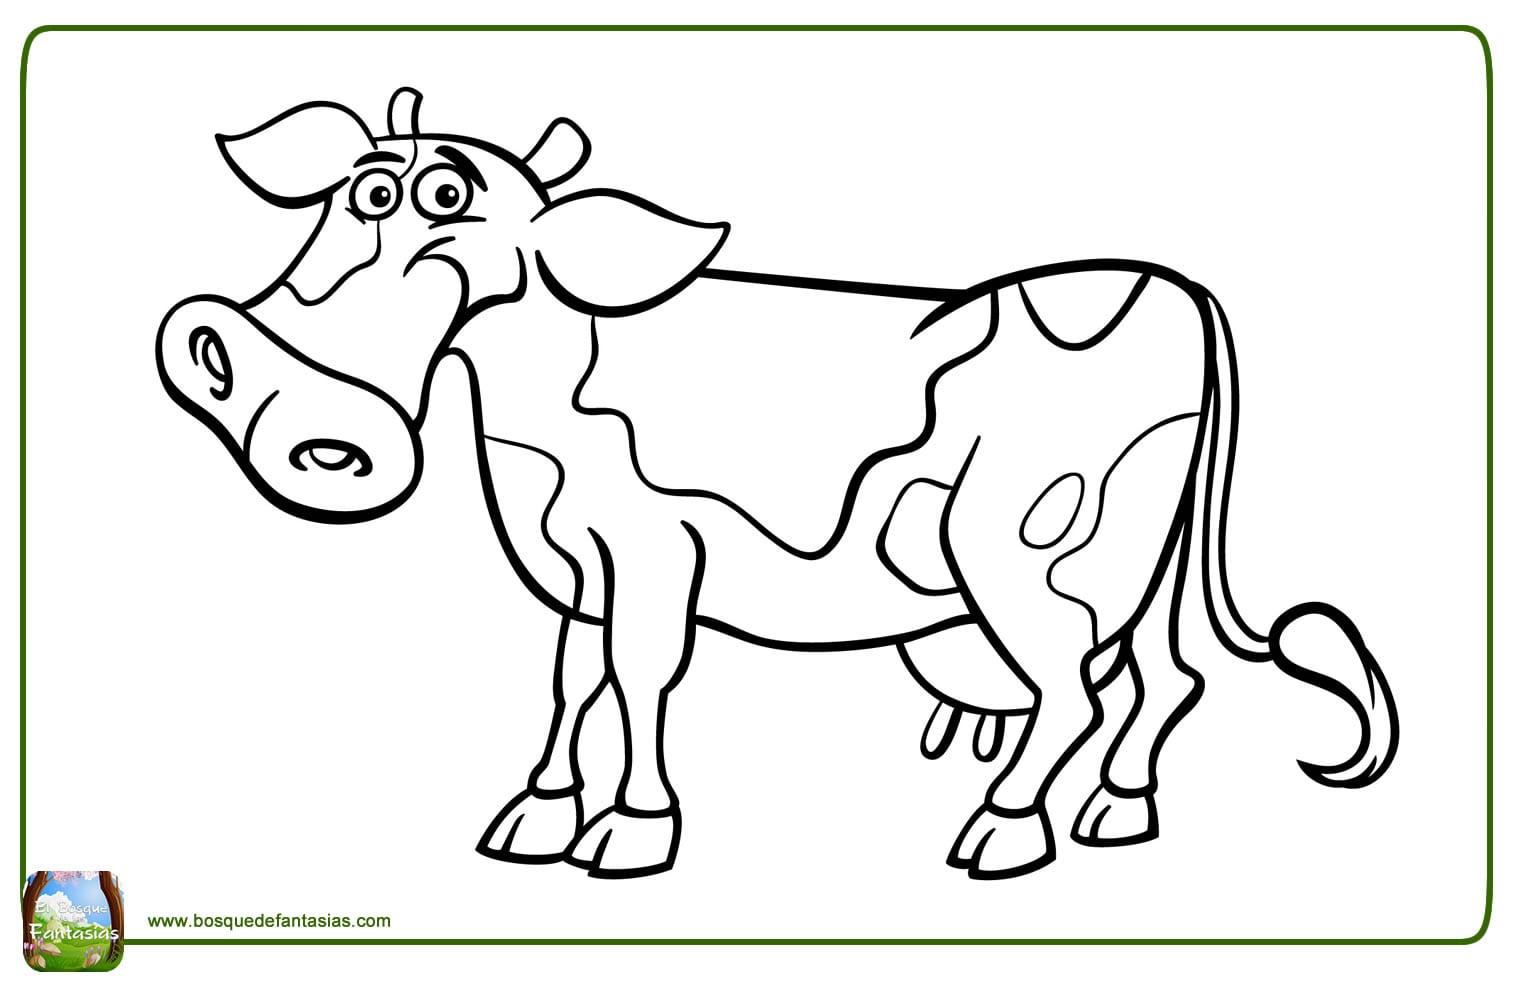 99 Dibujos De Vacas ® Divertidas Y Graciosas Vacas Para Colorear